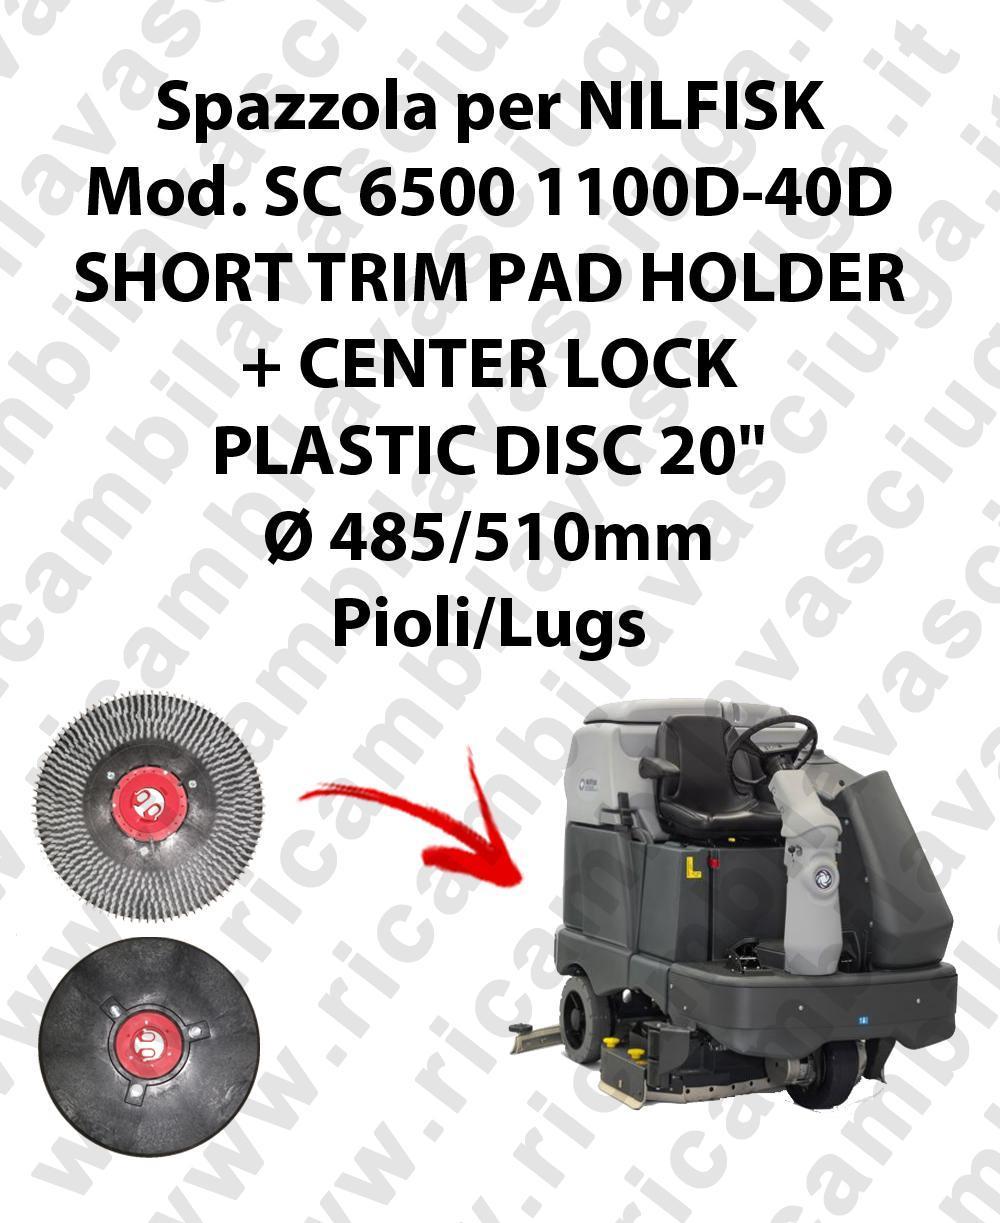 SHORT TRIM PAD HOLDER + CENTERLOCK para fregadora NILFISK mod. SC 6500-40D